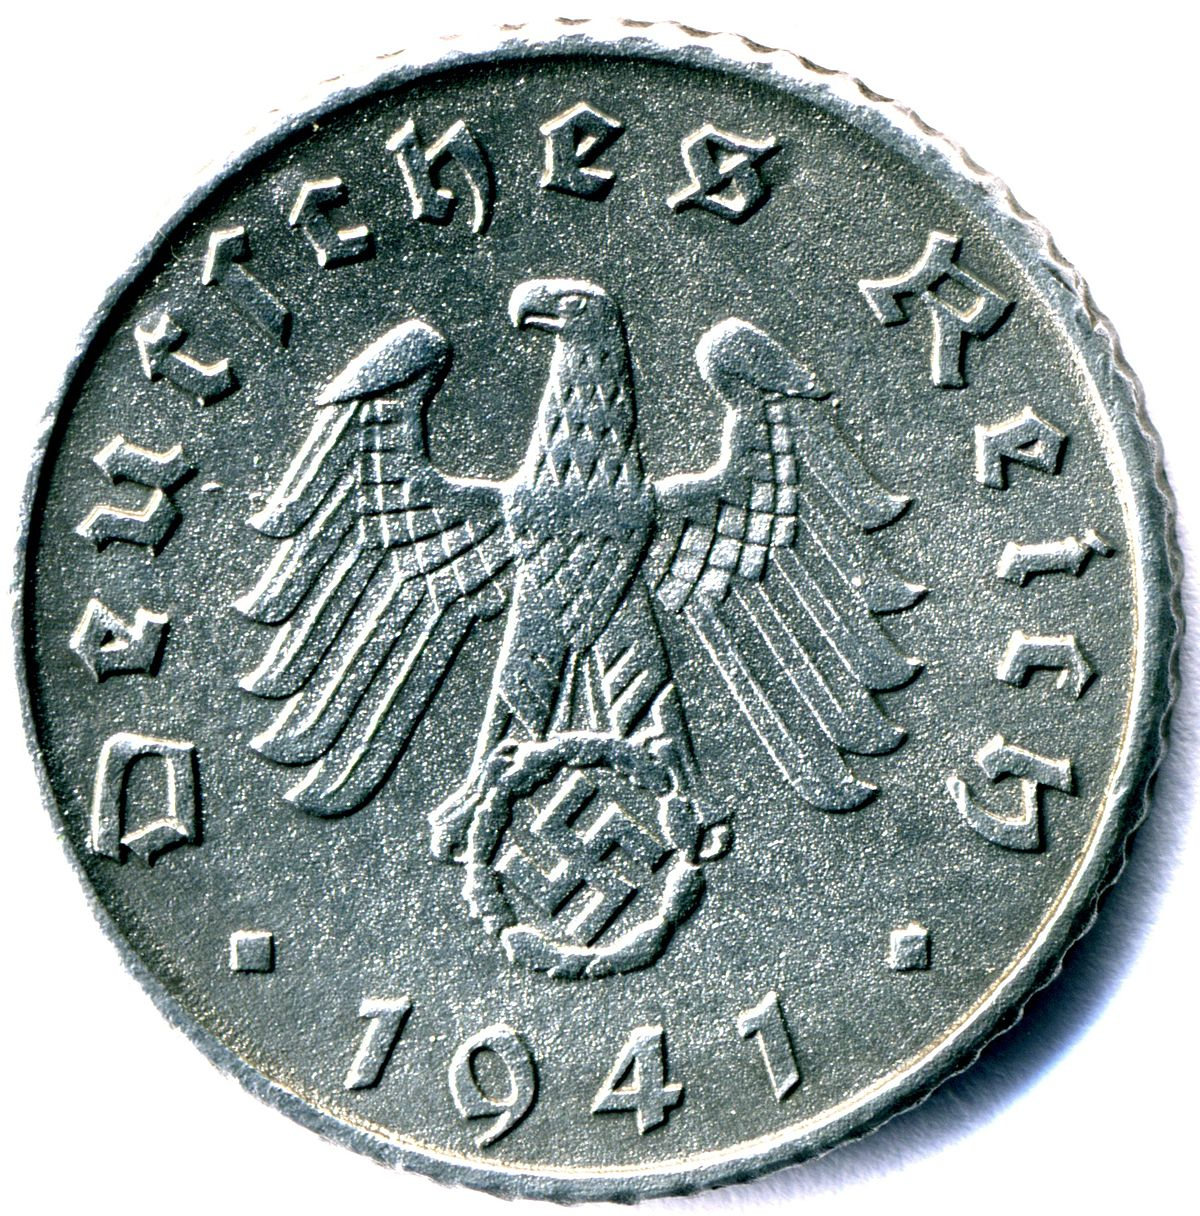 5 Reichspfennig World War Ii German Coin Wikipedia